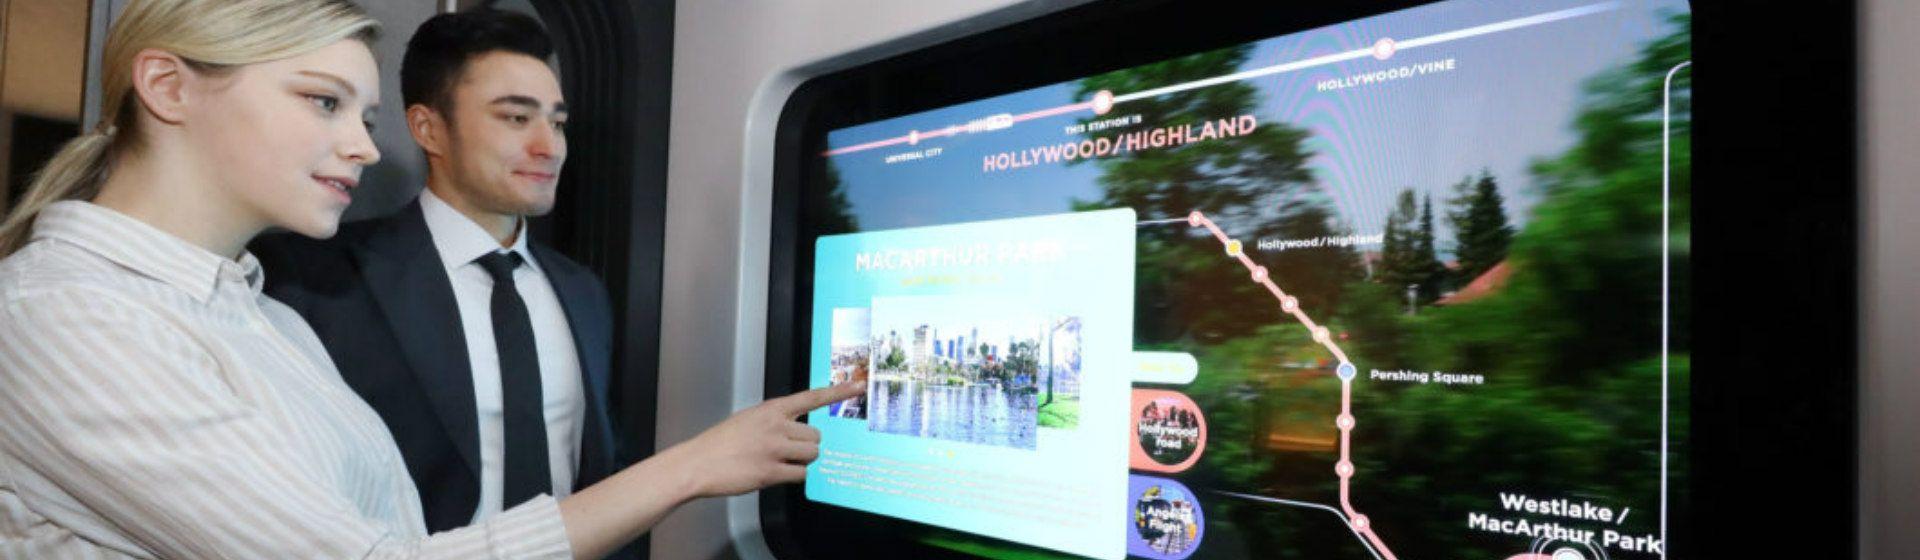 LG demonstra telas OLED transparentes para casas e restaurantes